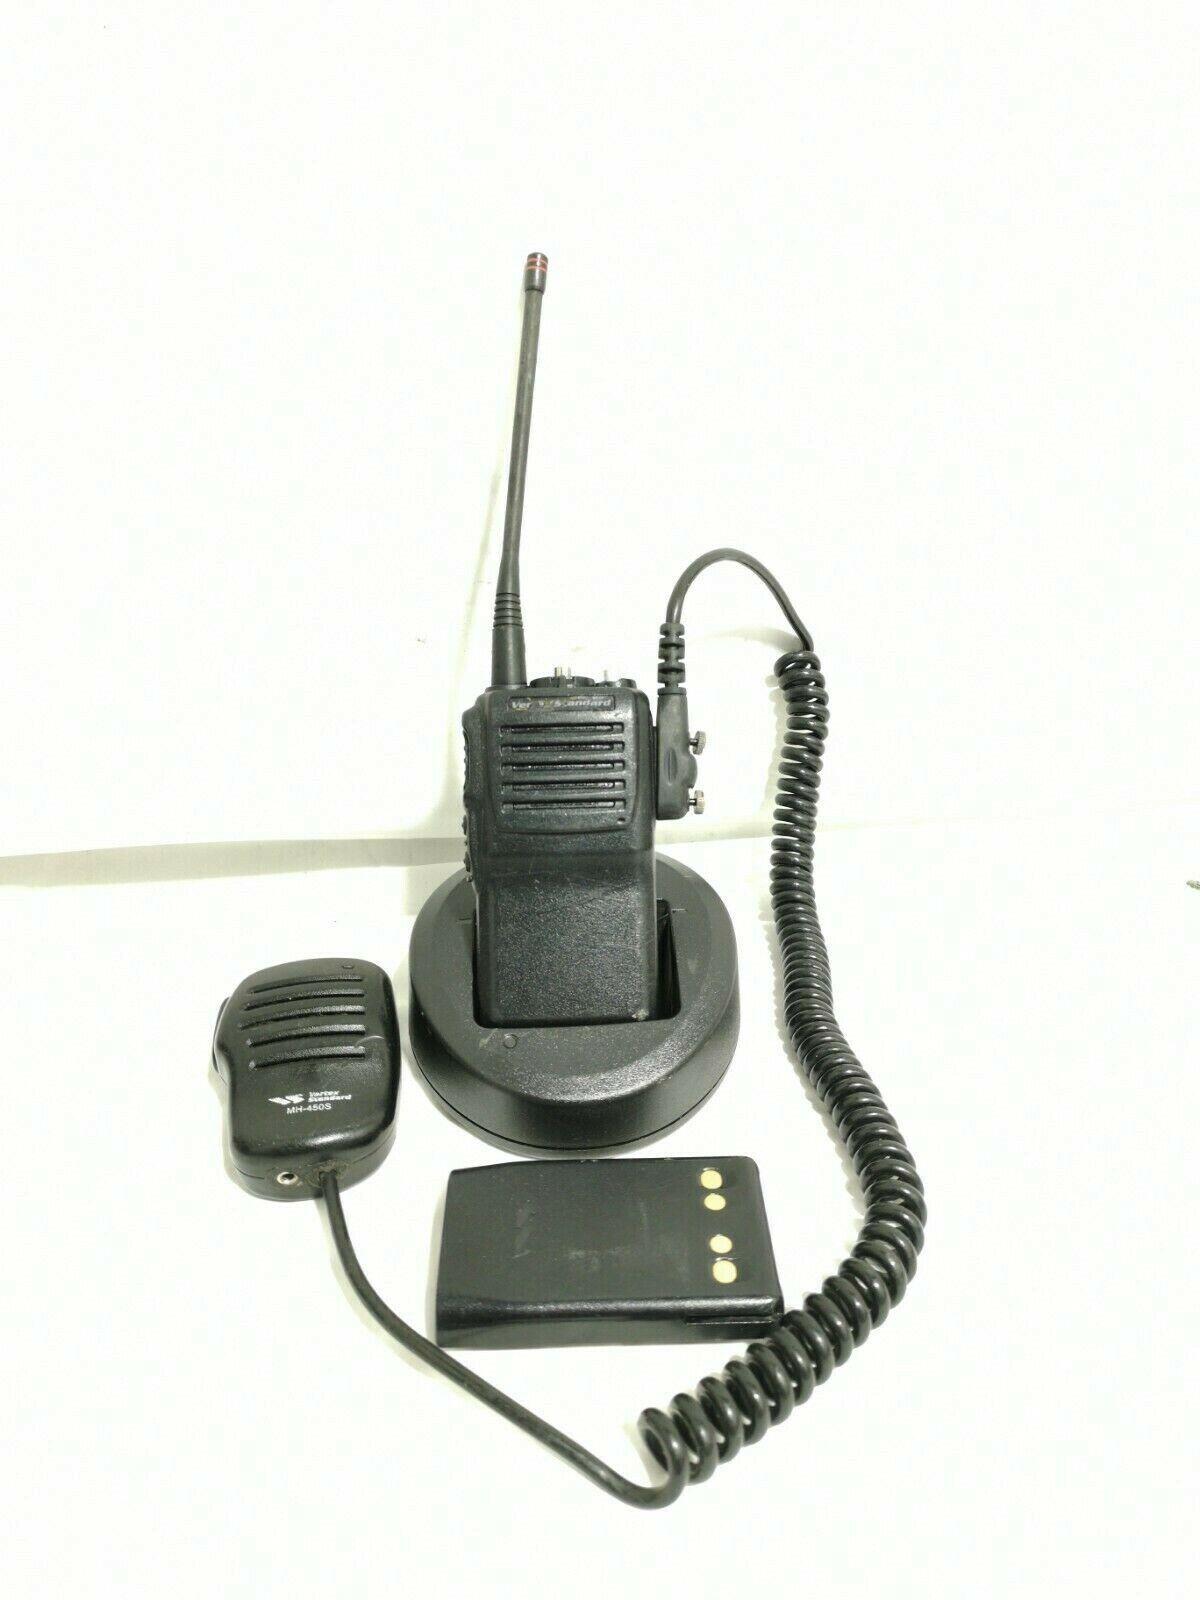 Gentlemen ladies Unisex VERTEX Standard Vx-231-g7-5 UHF